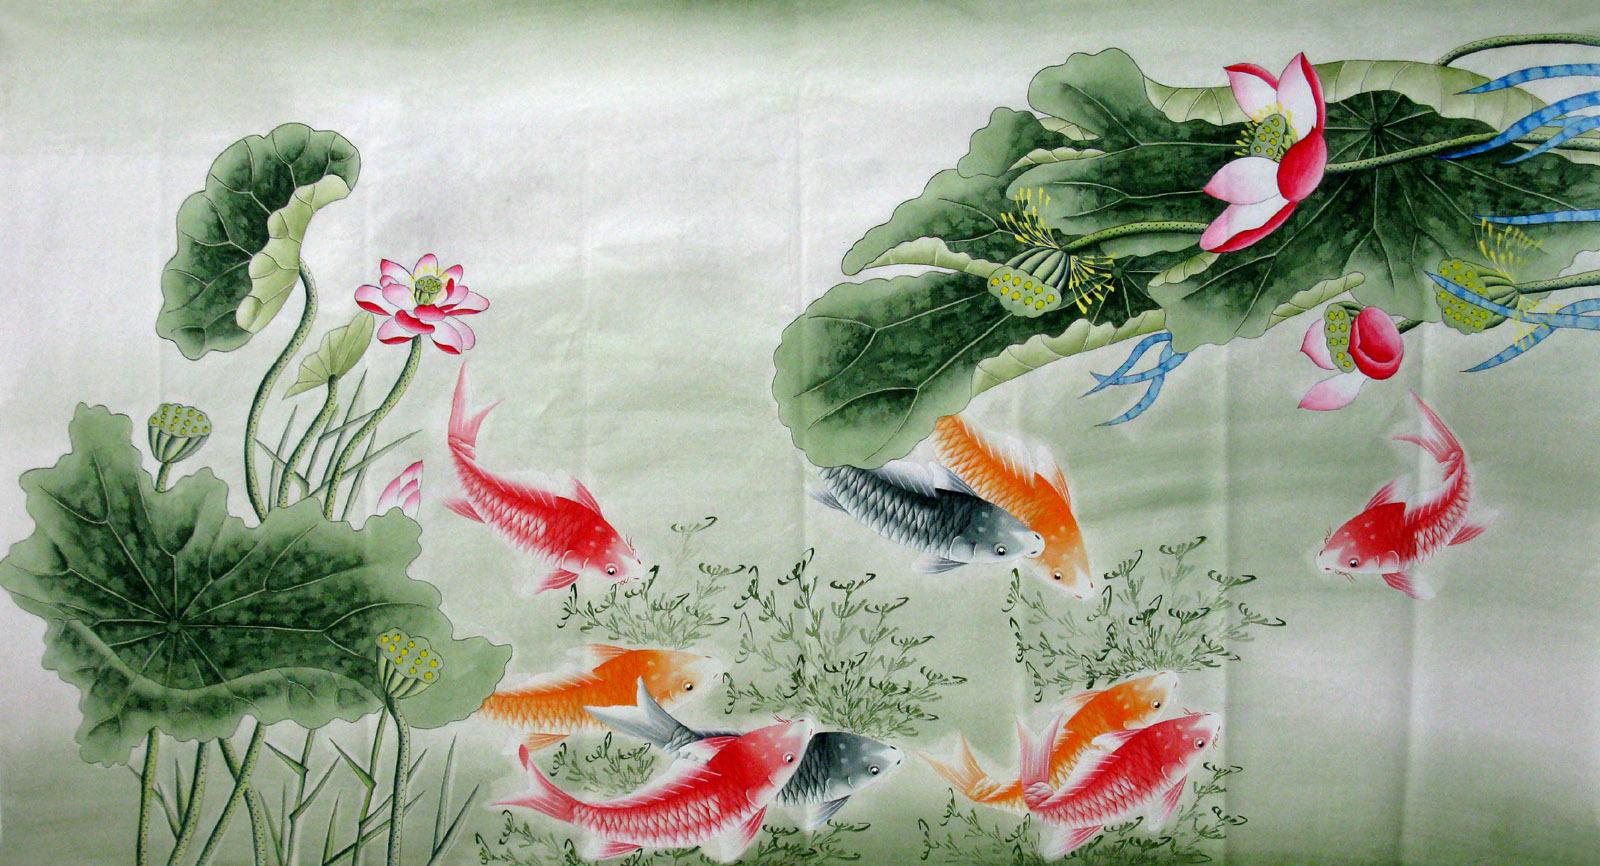 字画国画山水客厅画/韦娟六尺工笔荷花鱼2011-5-20-1